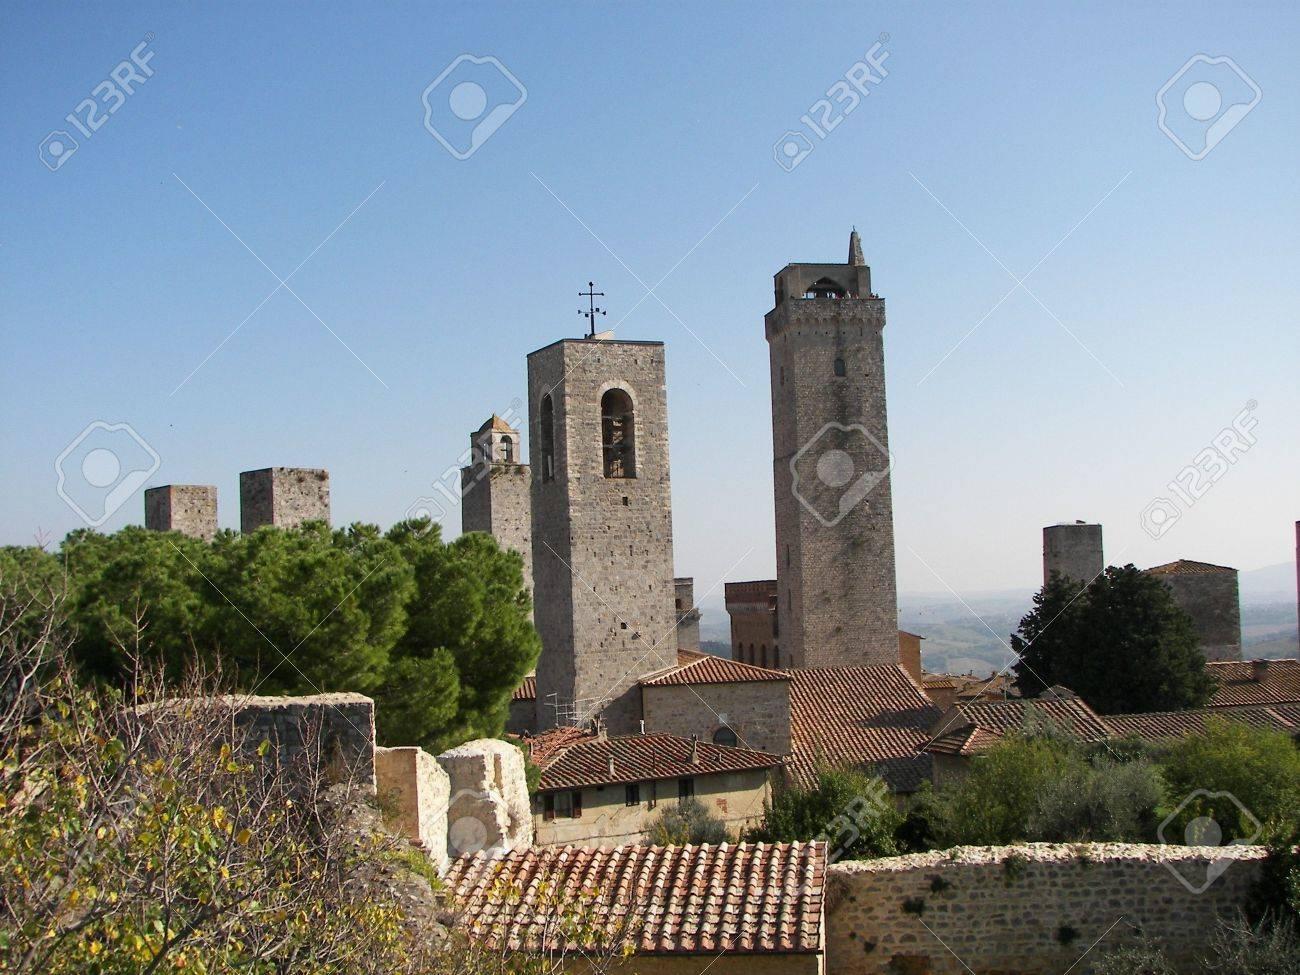 The towers of San Gimignano Tuscany Stock Photo - 3785711